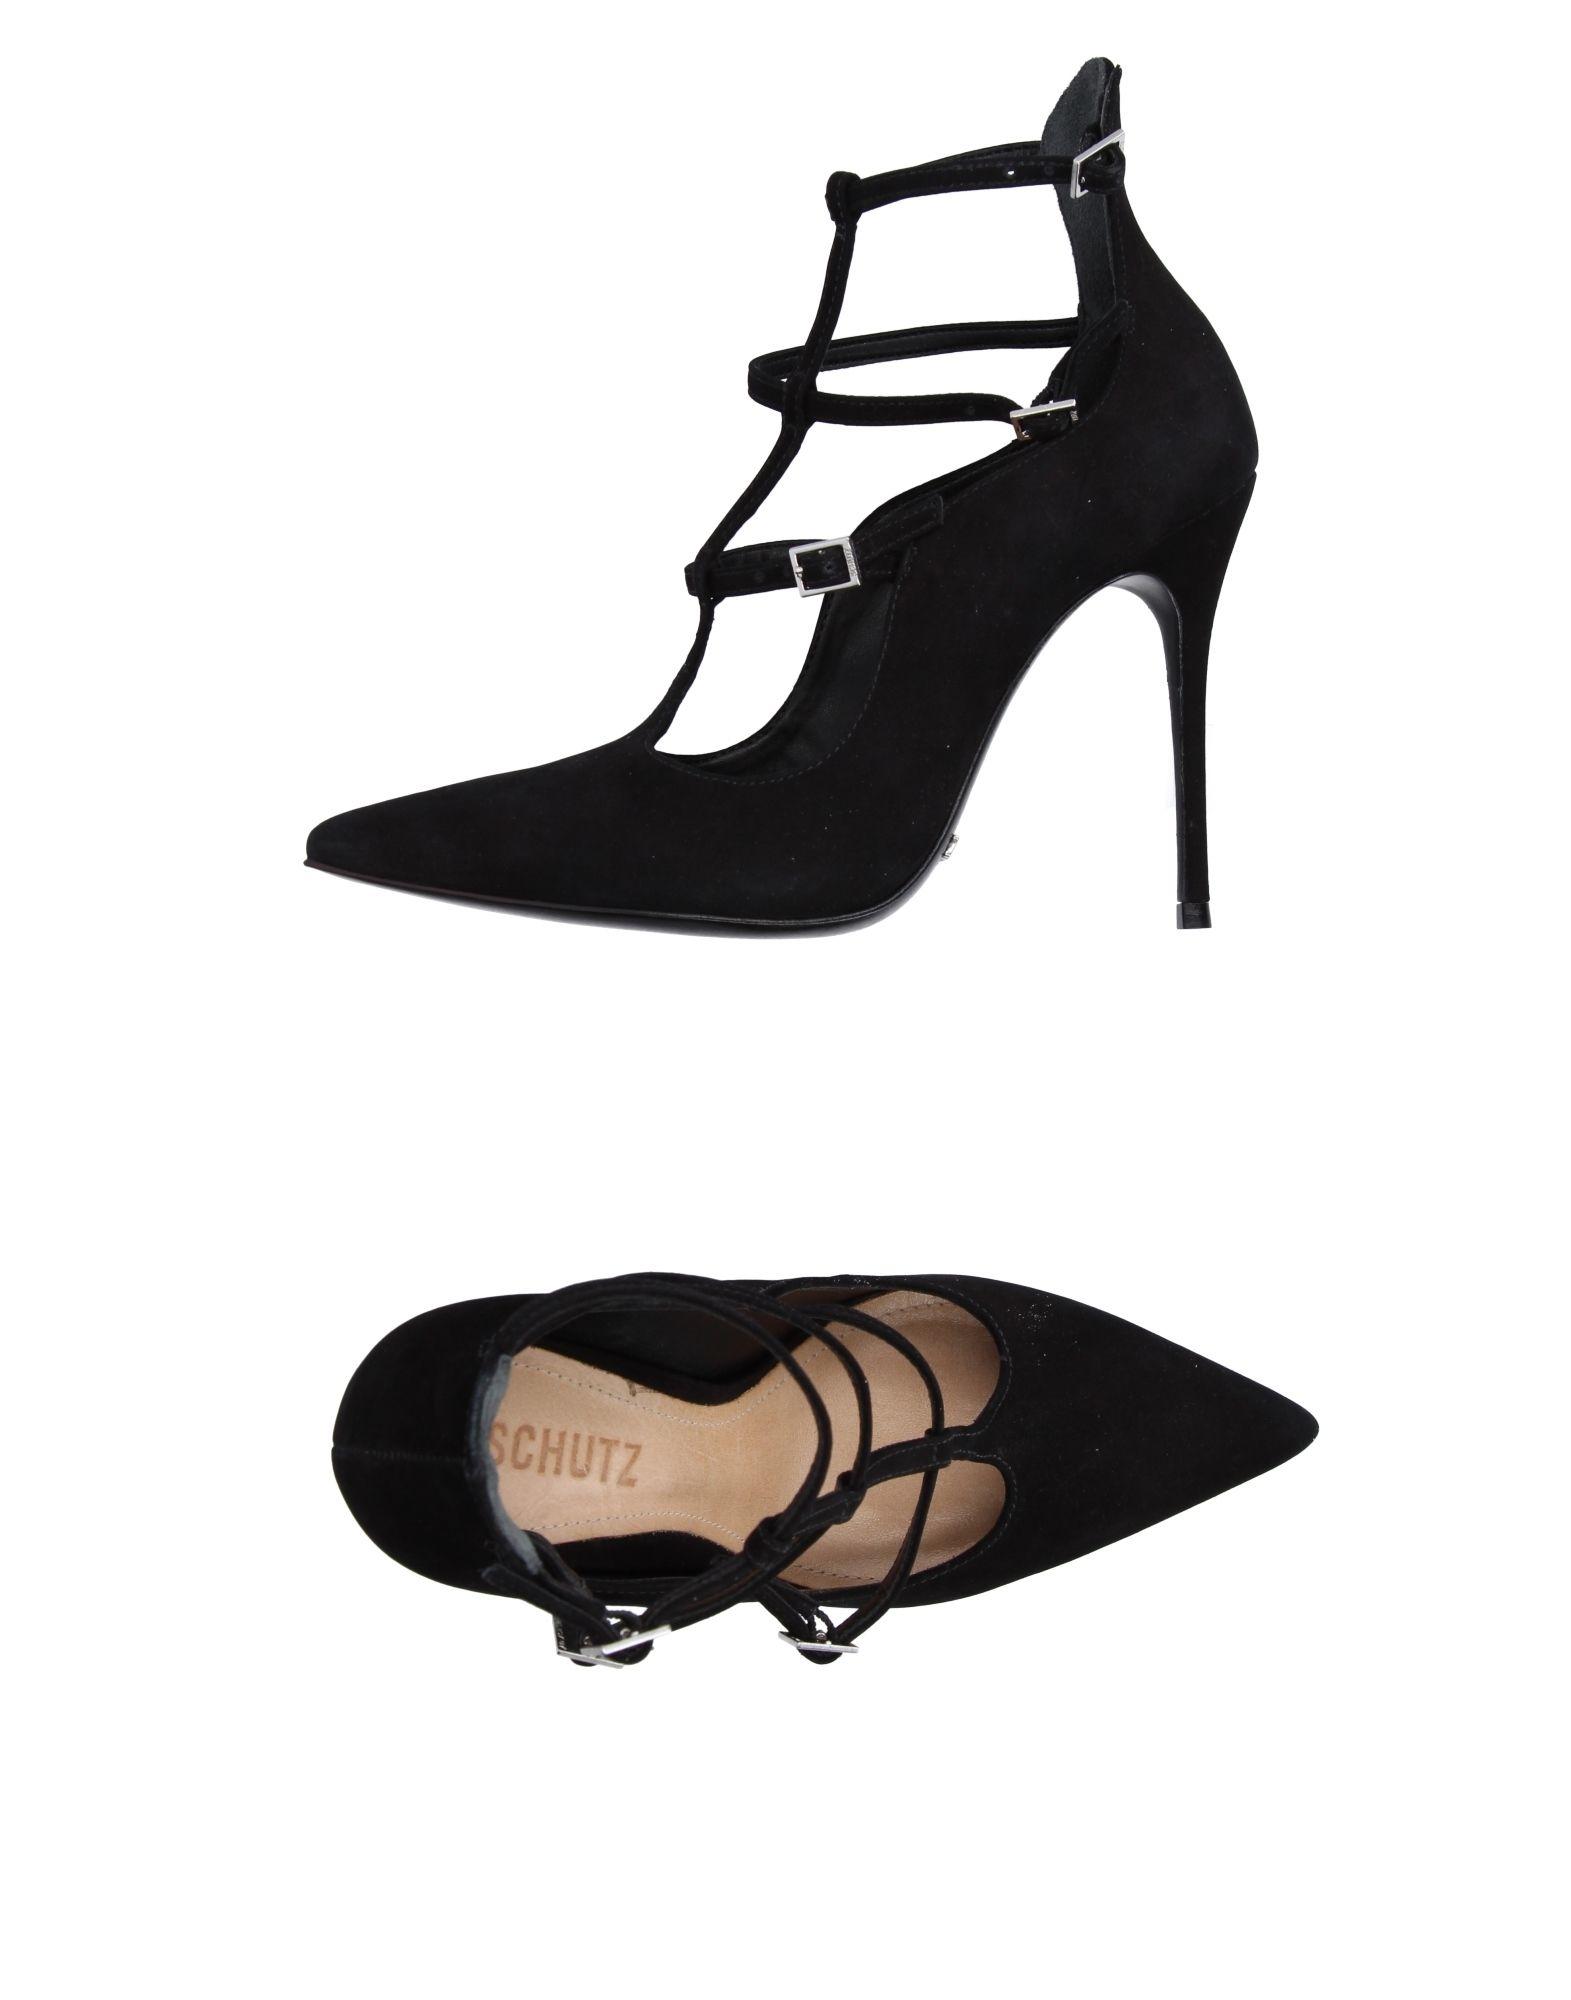 Descuento de la marca Zapato De Salón Salón Salón Schutz Mujer - Salones Schutz  Negro 813032